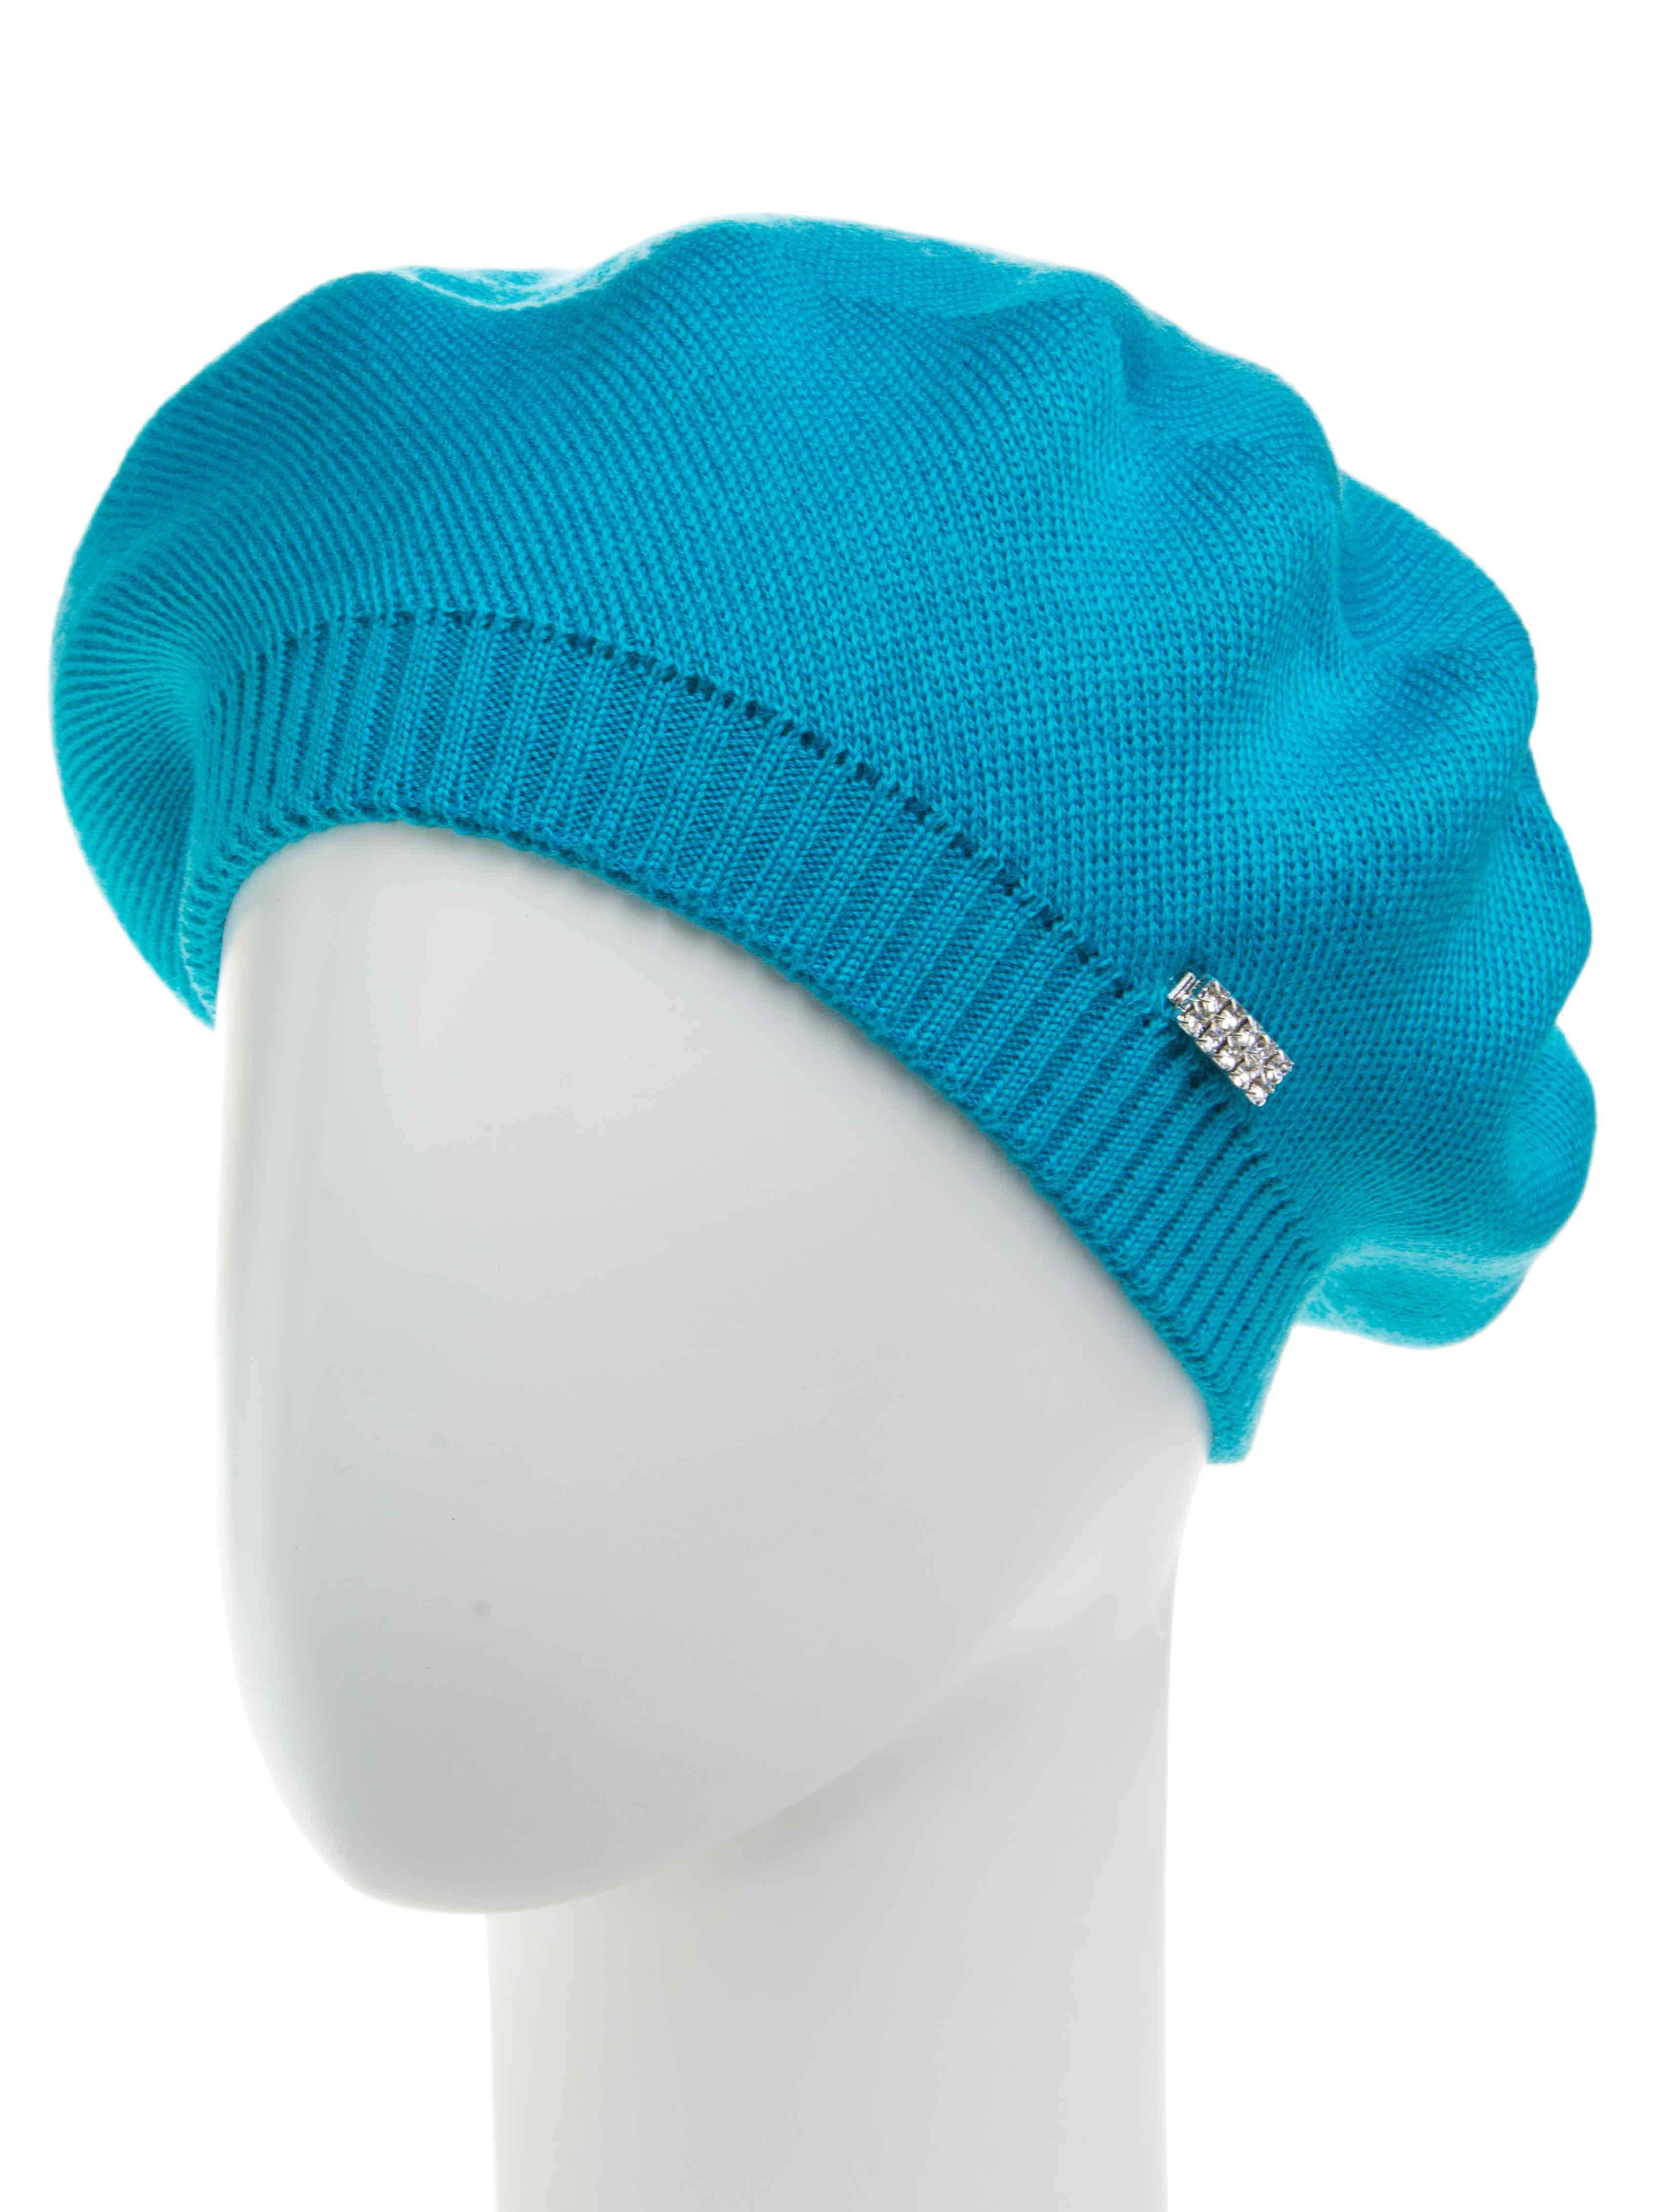 БеретБереты<br>Шерстяной беретик подарит Вам тепло и комфорт.  Стильный берет подчеркнет Вашу женственность и станет прекрасным дополнением Вашего образа.  В изделии использованы цвета: бирюзовый<br><br>По сезону: Зима<br>Размер : universal<br>Материал: Вязаное полотно<br>Количество в наличии: 1